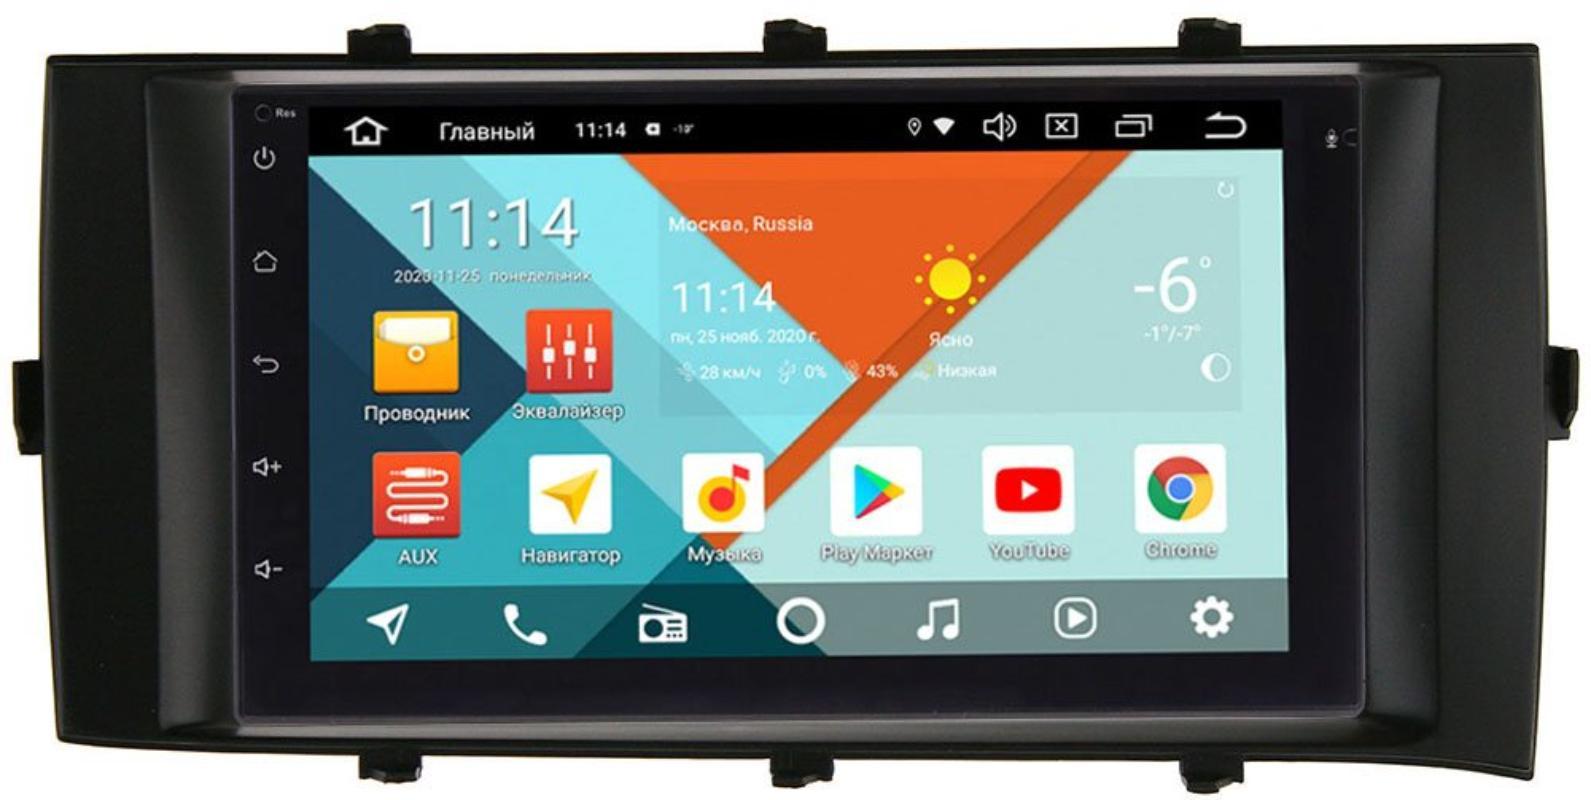 Магнитола для Toyota Aqua 2011-2018 Wide Media KS7001QR-3/32-RP-TYAQ-133 на Android 10 (DSP CarPlay 4G-SIM) (+ Камера заднего вида в подарок!)